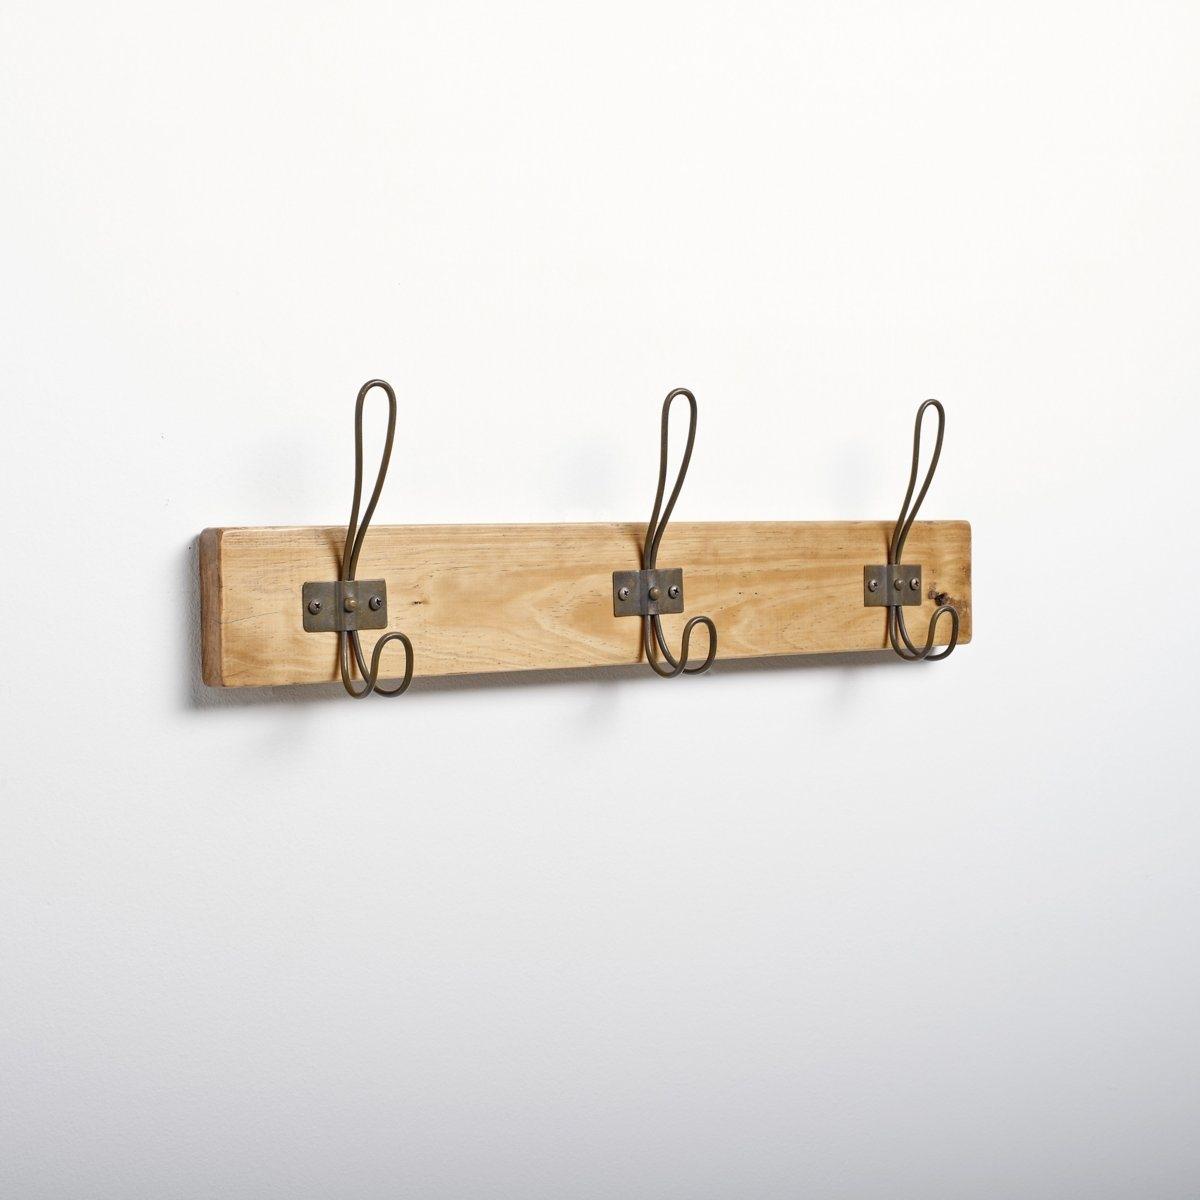 Вешалка настеннаяХарактеристики настенной вешалки :- Каркас : из гельвеи  3 металлических крючка .Размеры настенной вешалки :Ш.57,5 x В.17,5 x Г.8 см.<br><br>Цвет: светлое дерево медовый,темно-бежевый